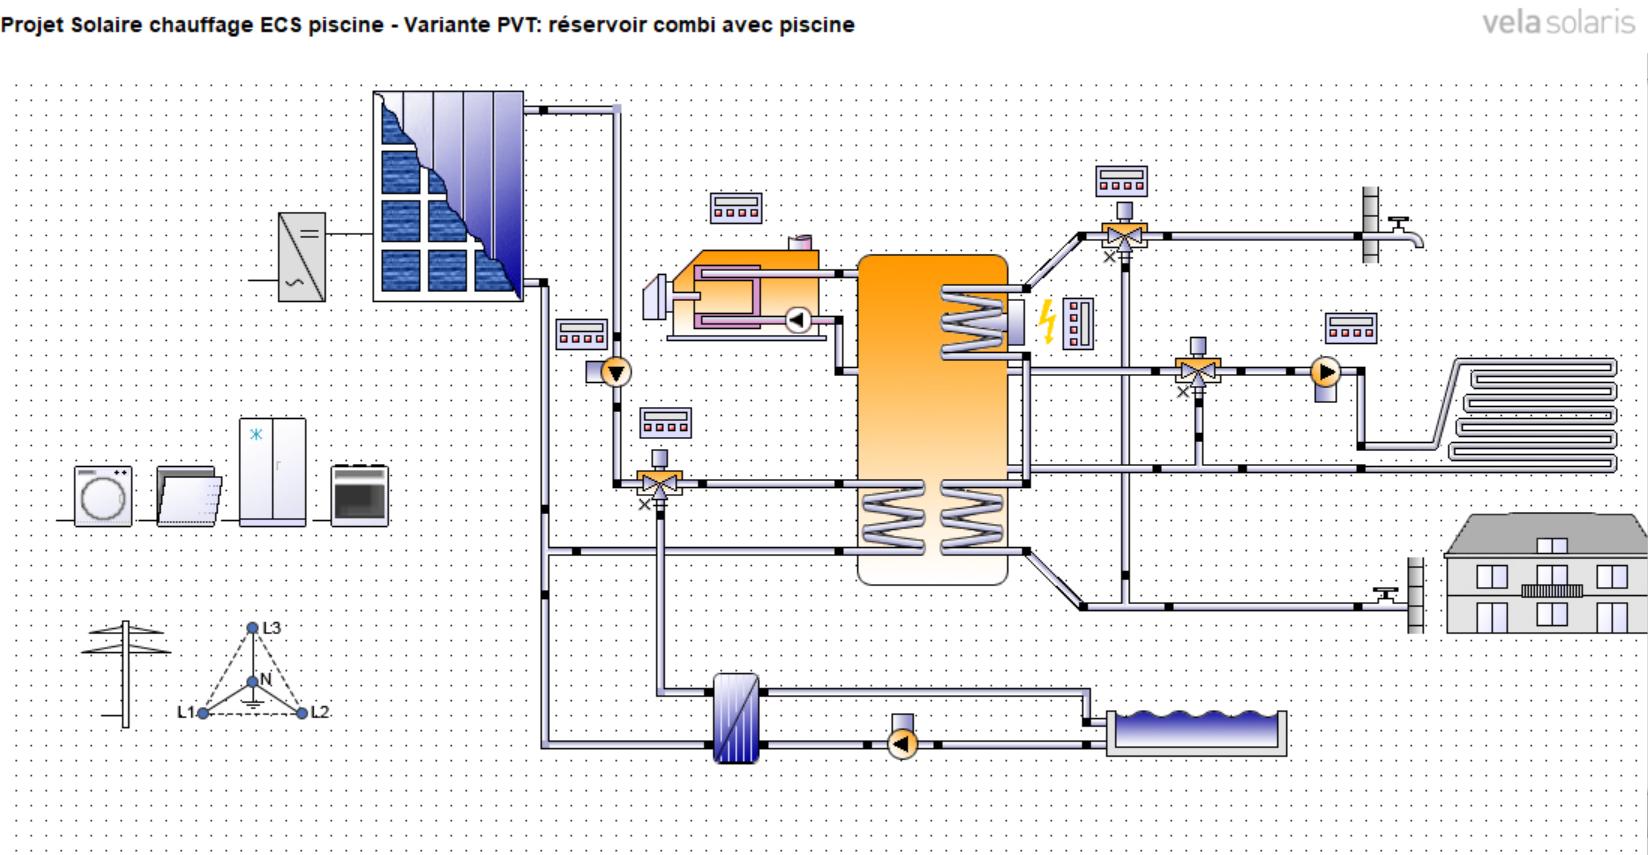 Branchement ballon tampon avec chaudière, solaire PVT, production ECS, Piscine, plancher chauffant